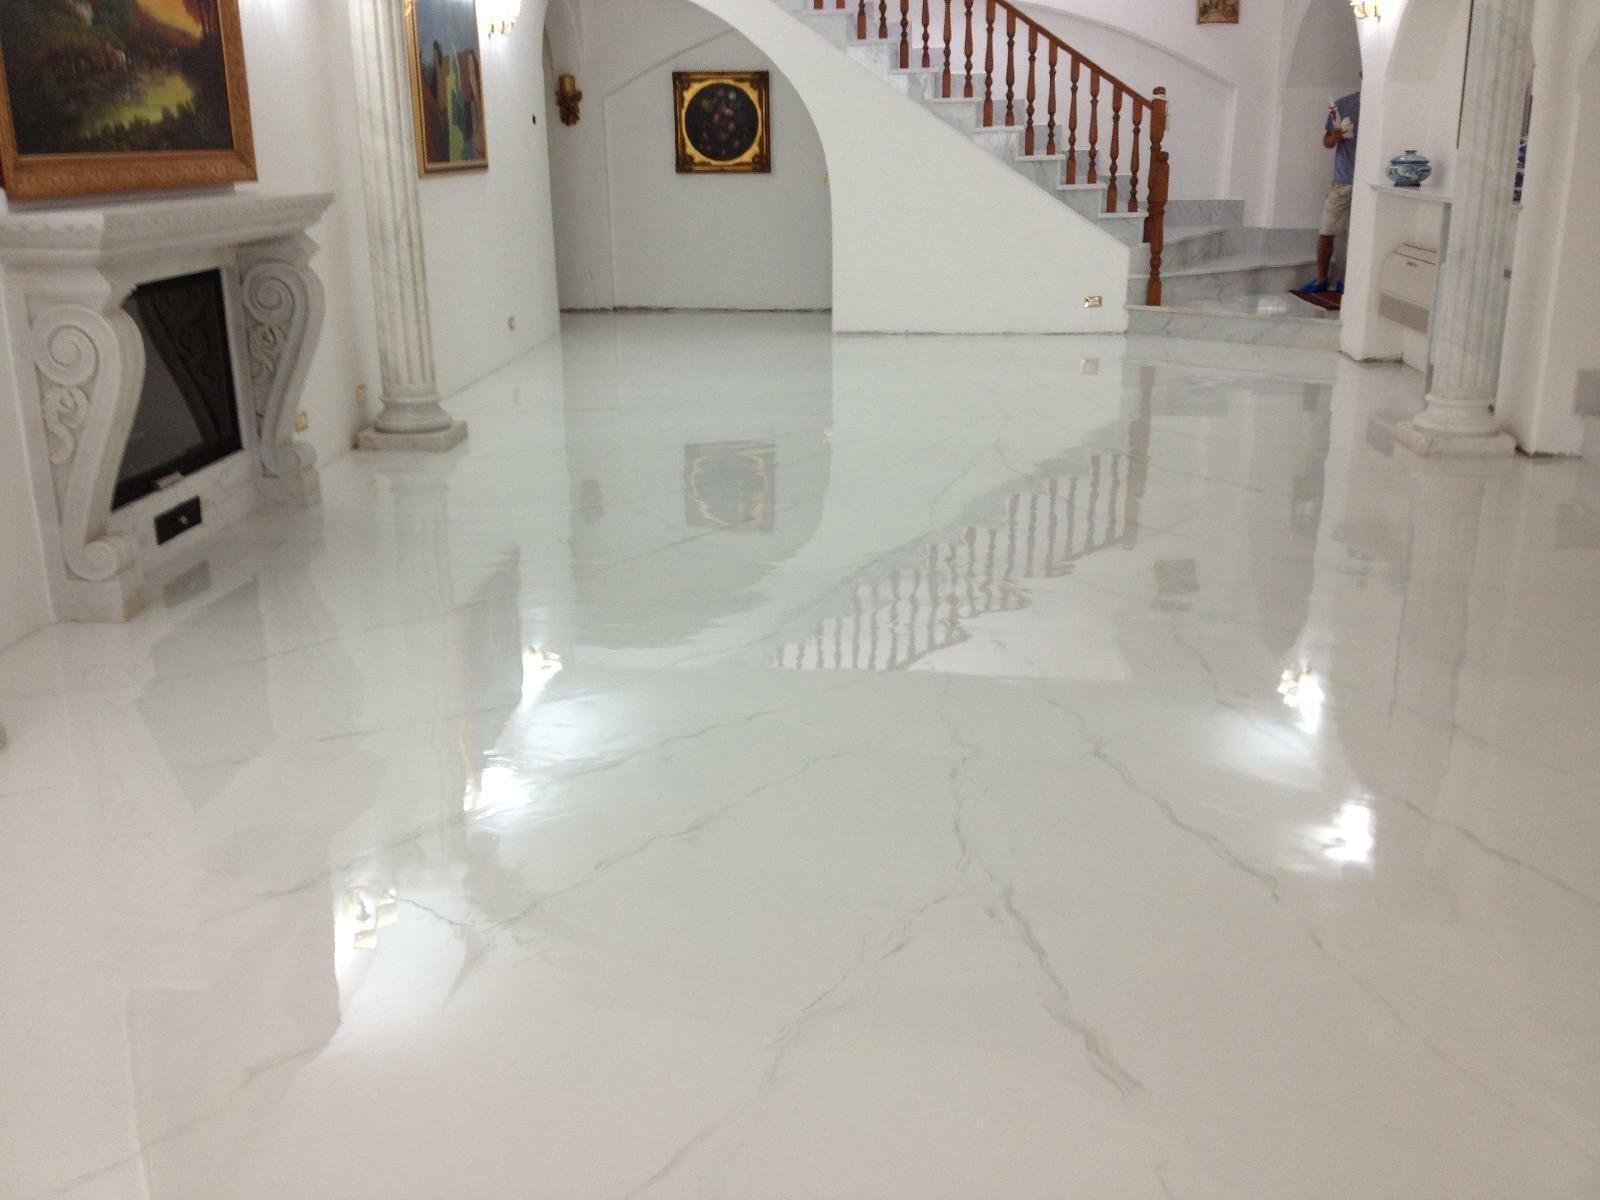 Pavimento In Cemento Per Bagno : Pavimento in cemento per bagno ...